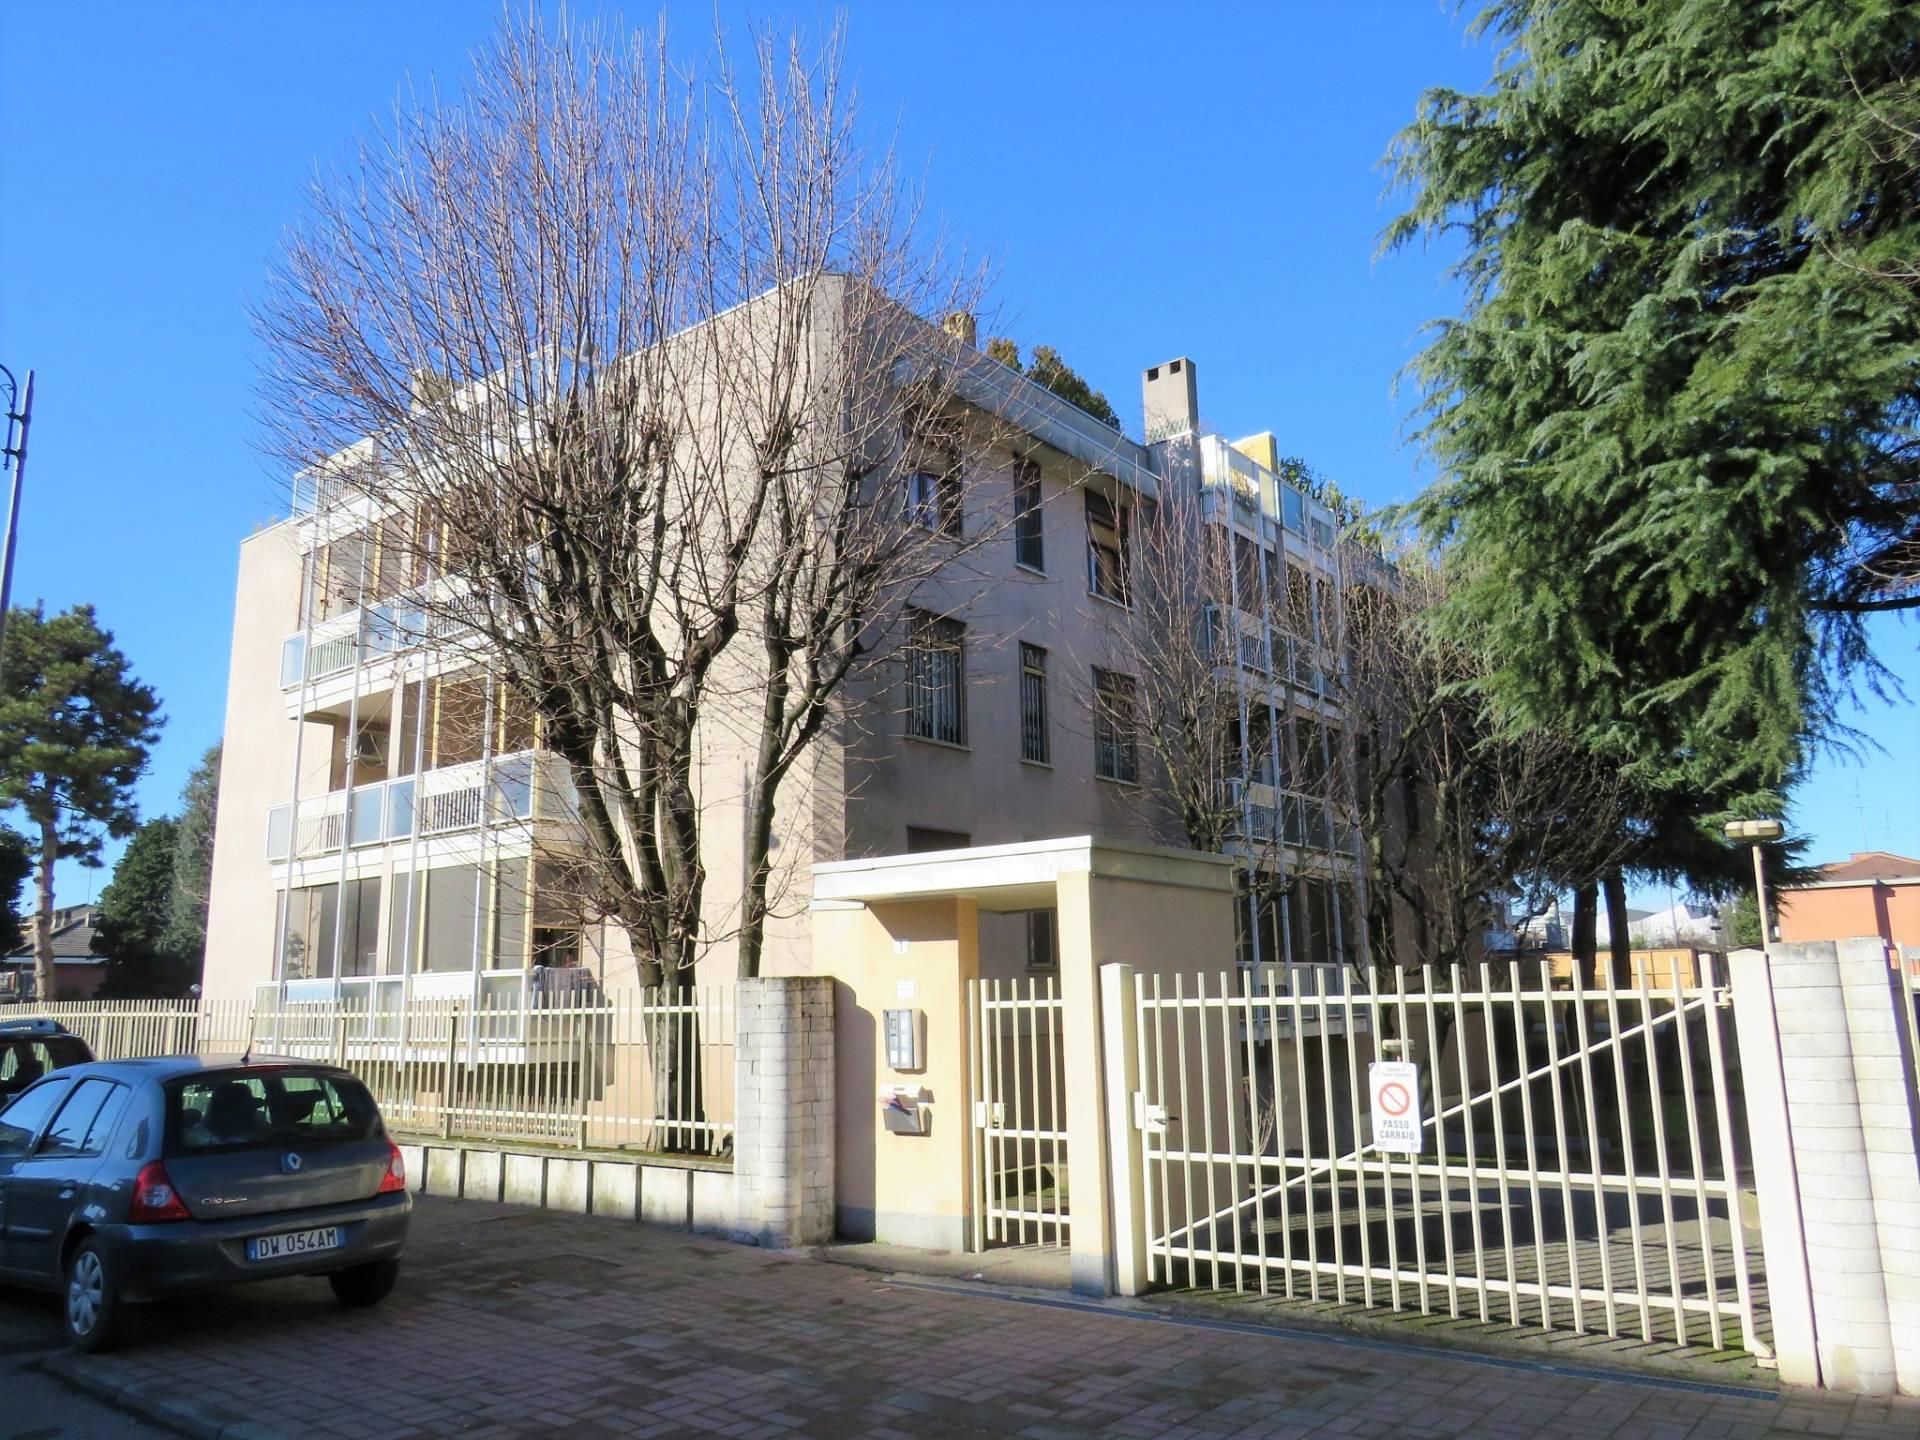 Laboratorio in vendita a Rozzano, 9999 locali, prezzo € 69.000   PortaleAgenzieImmobiliari.it